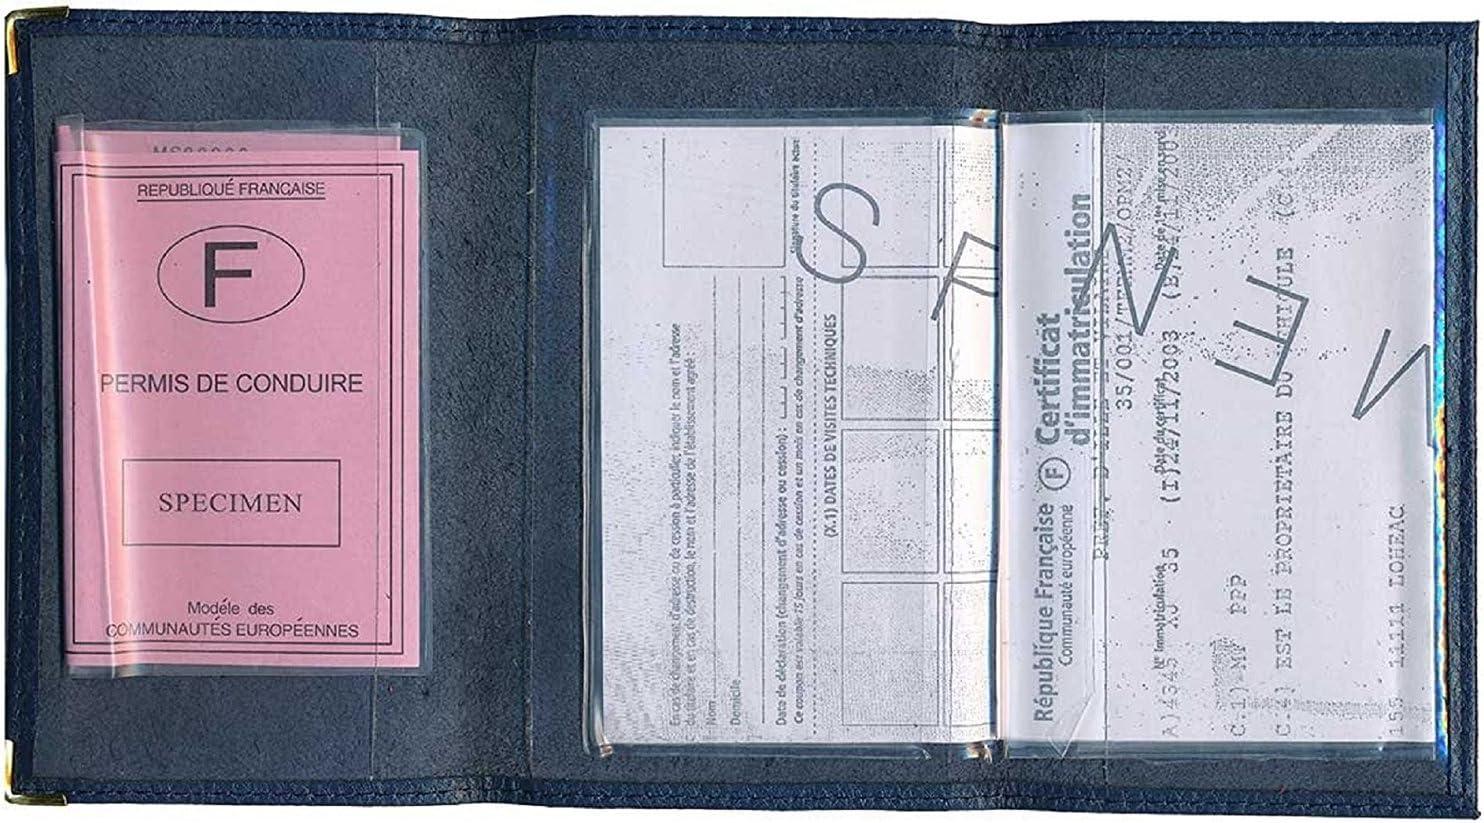 Etui carte grise noir en cuir papiers de voiture permis singe  à personnalise